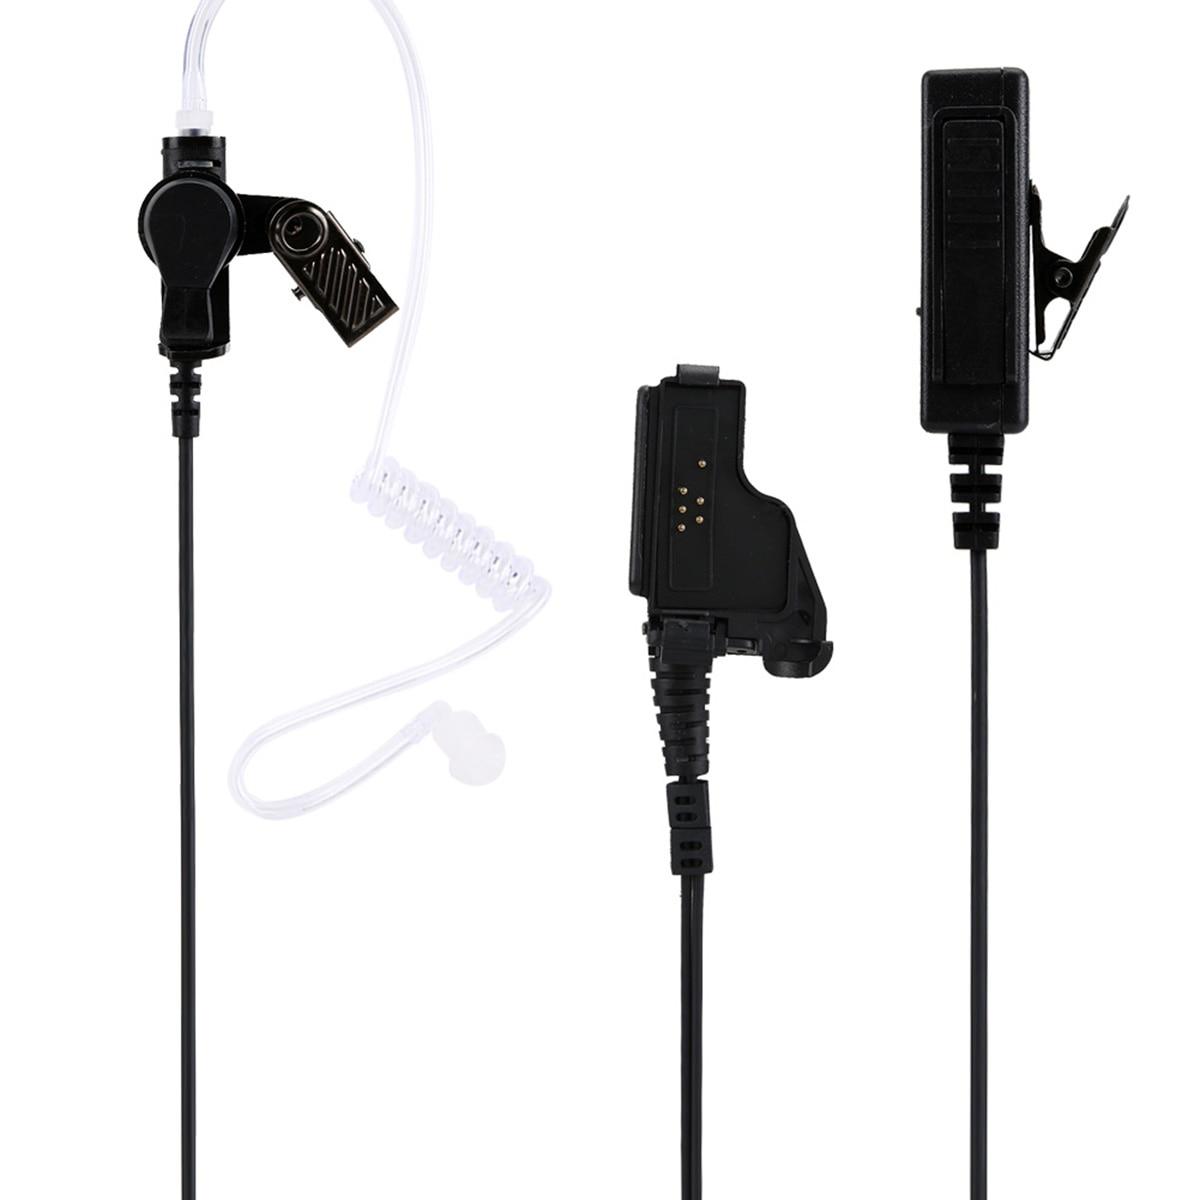 Walkie Talkie Air Acoustic Tube Earphone PTT Button Duct Earpiece Headset For Motorola HT1000 XTS3000 XTS5000